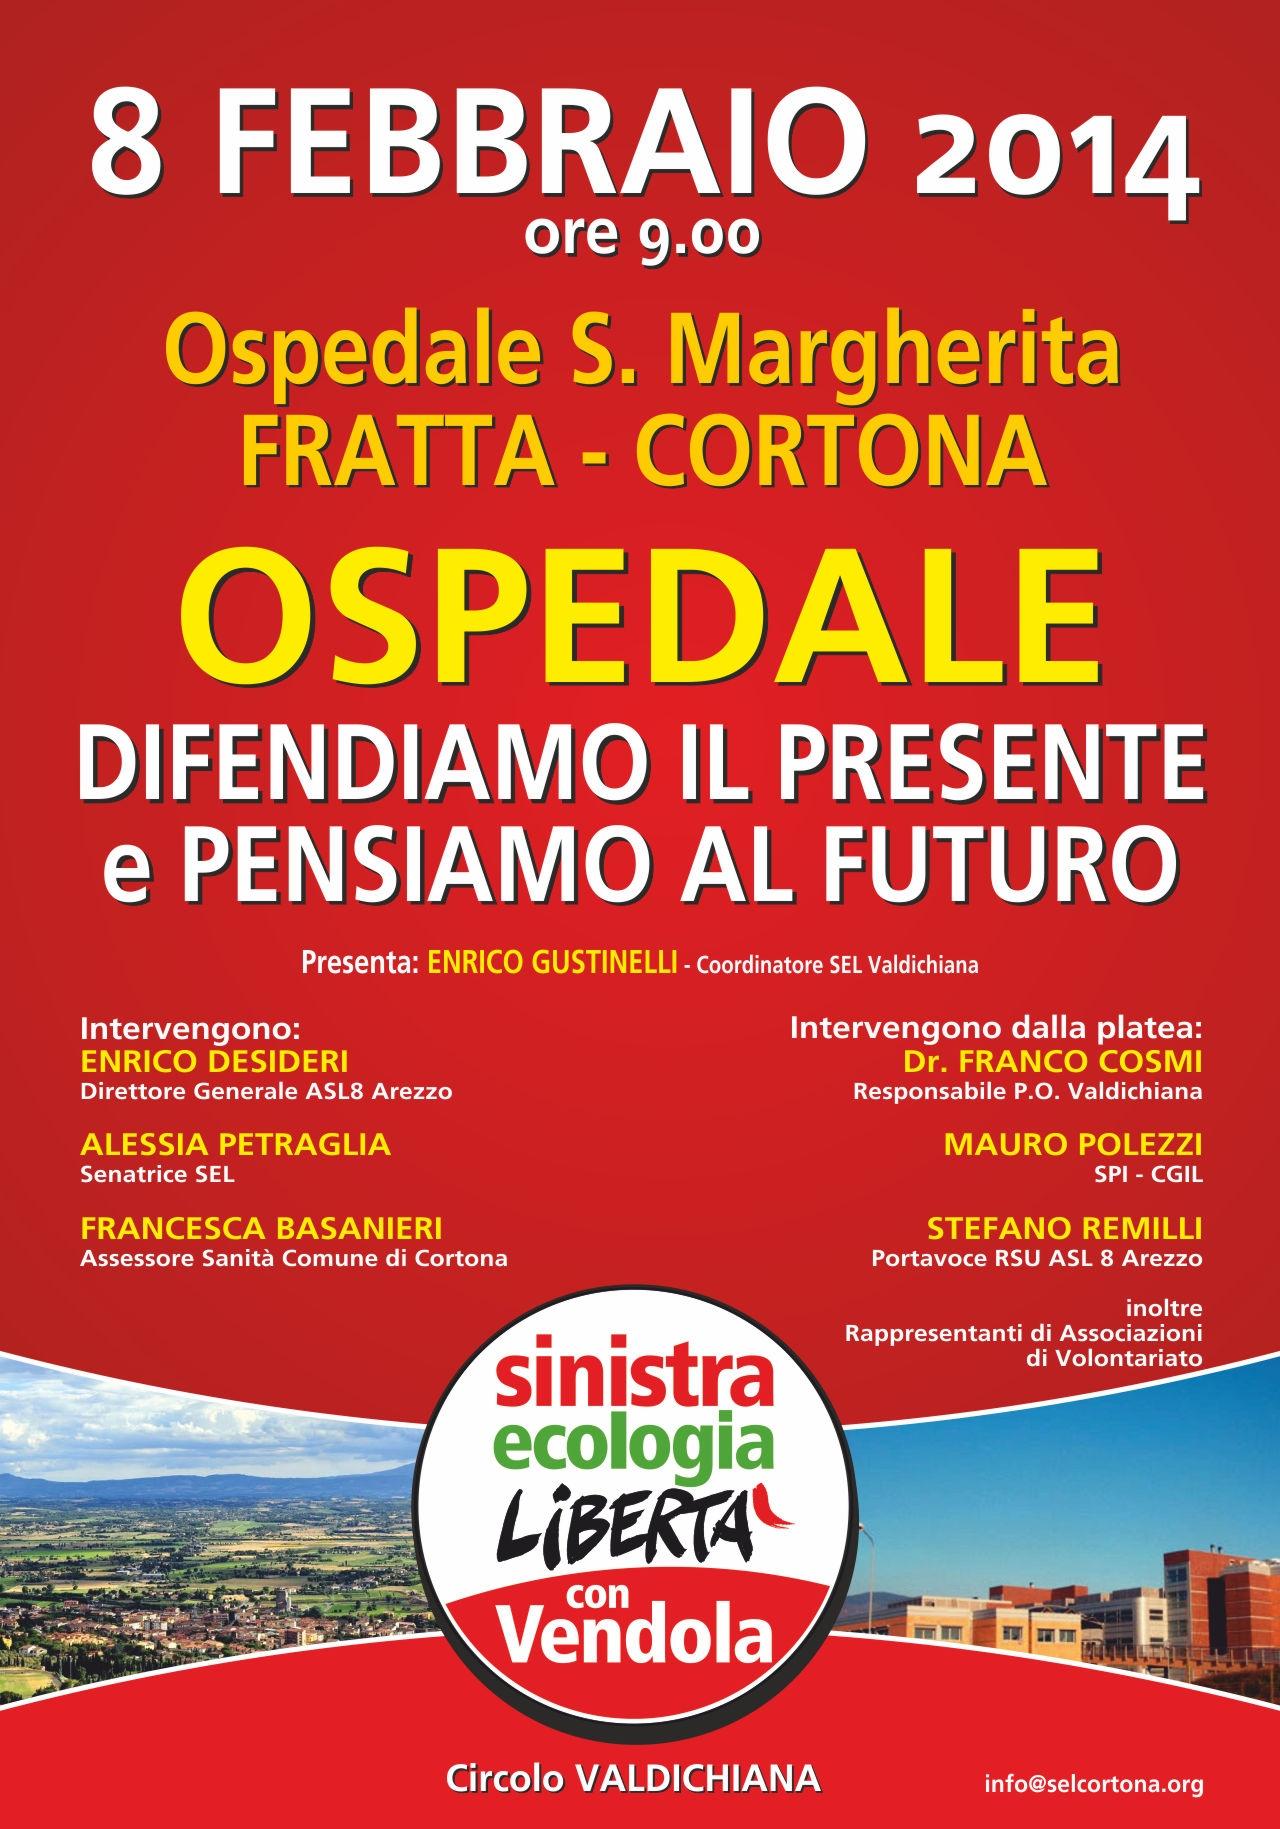 Ospedale di Fratta, difendere il presente e pensare il futuro. Incontro promosso da SEL